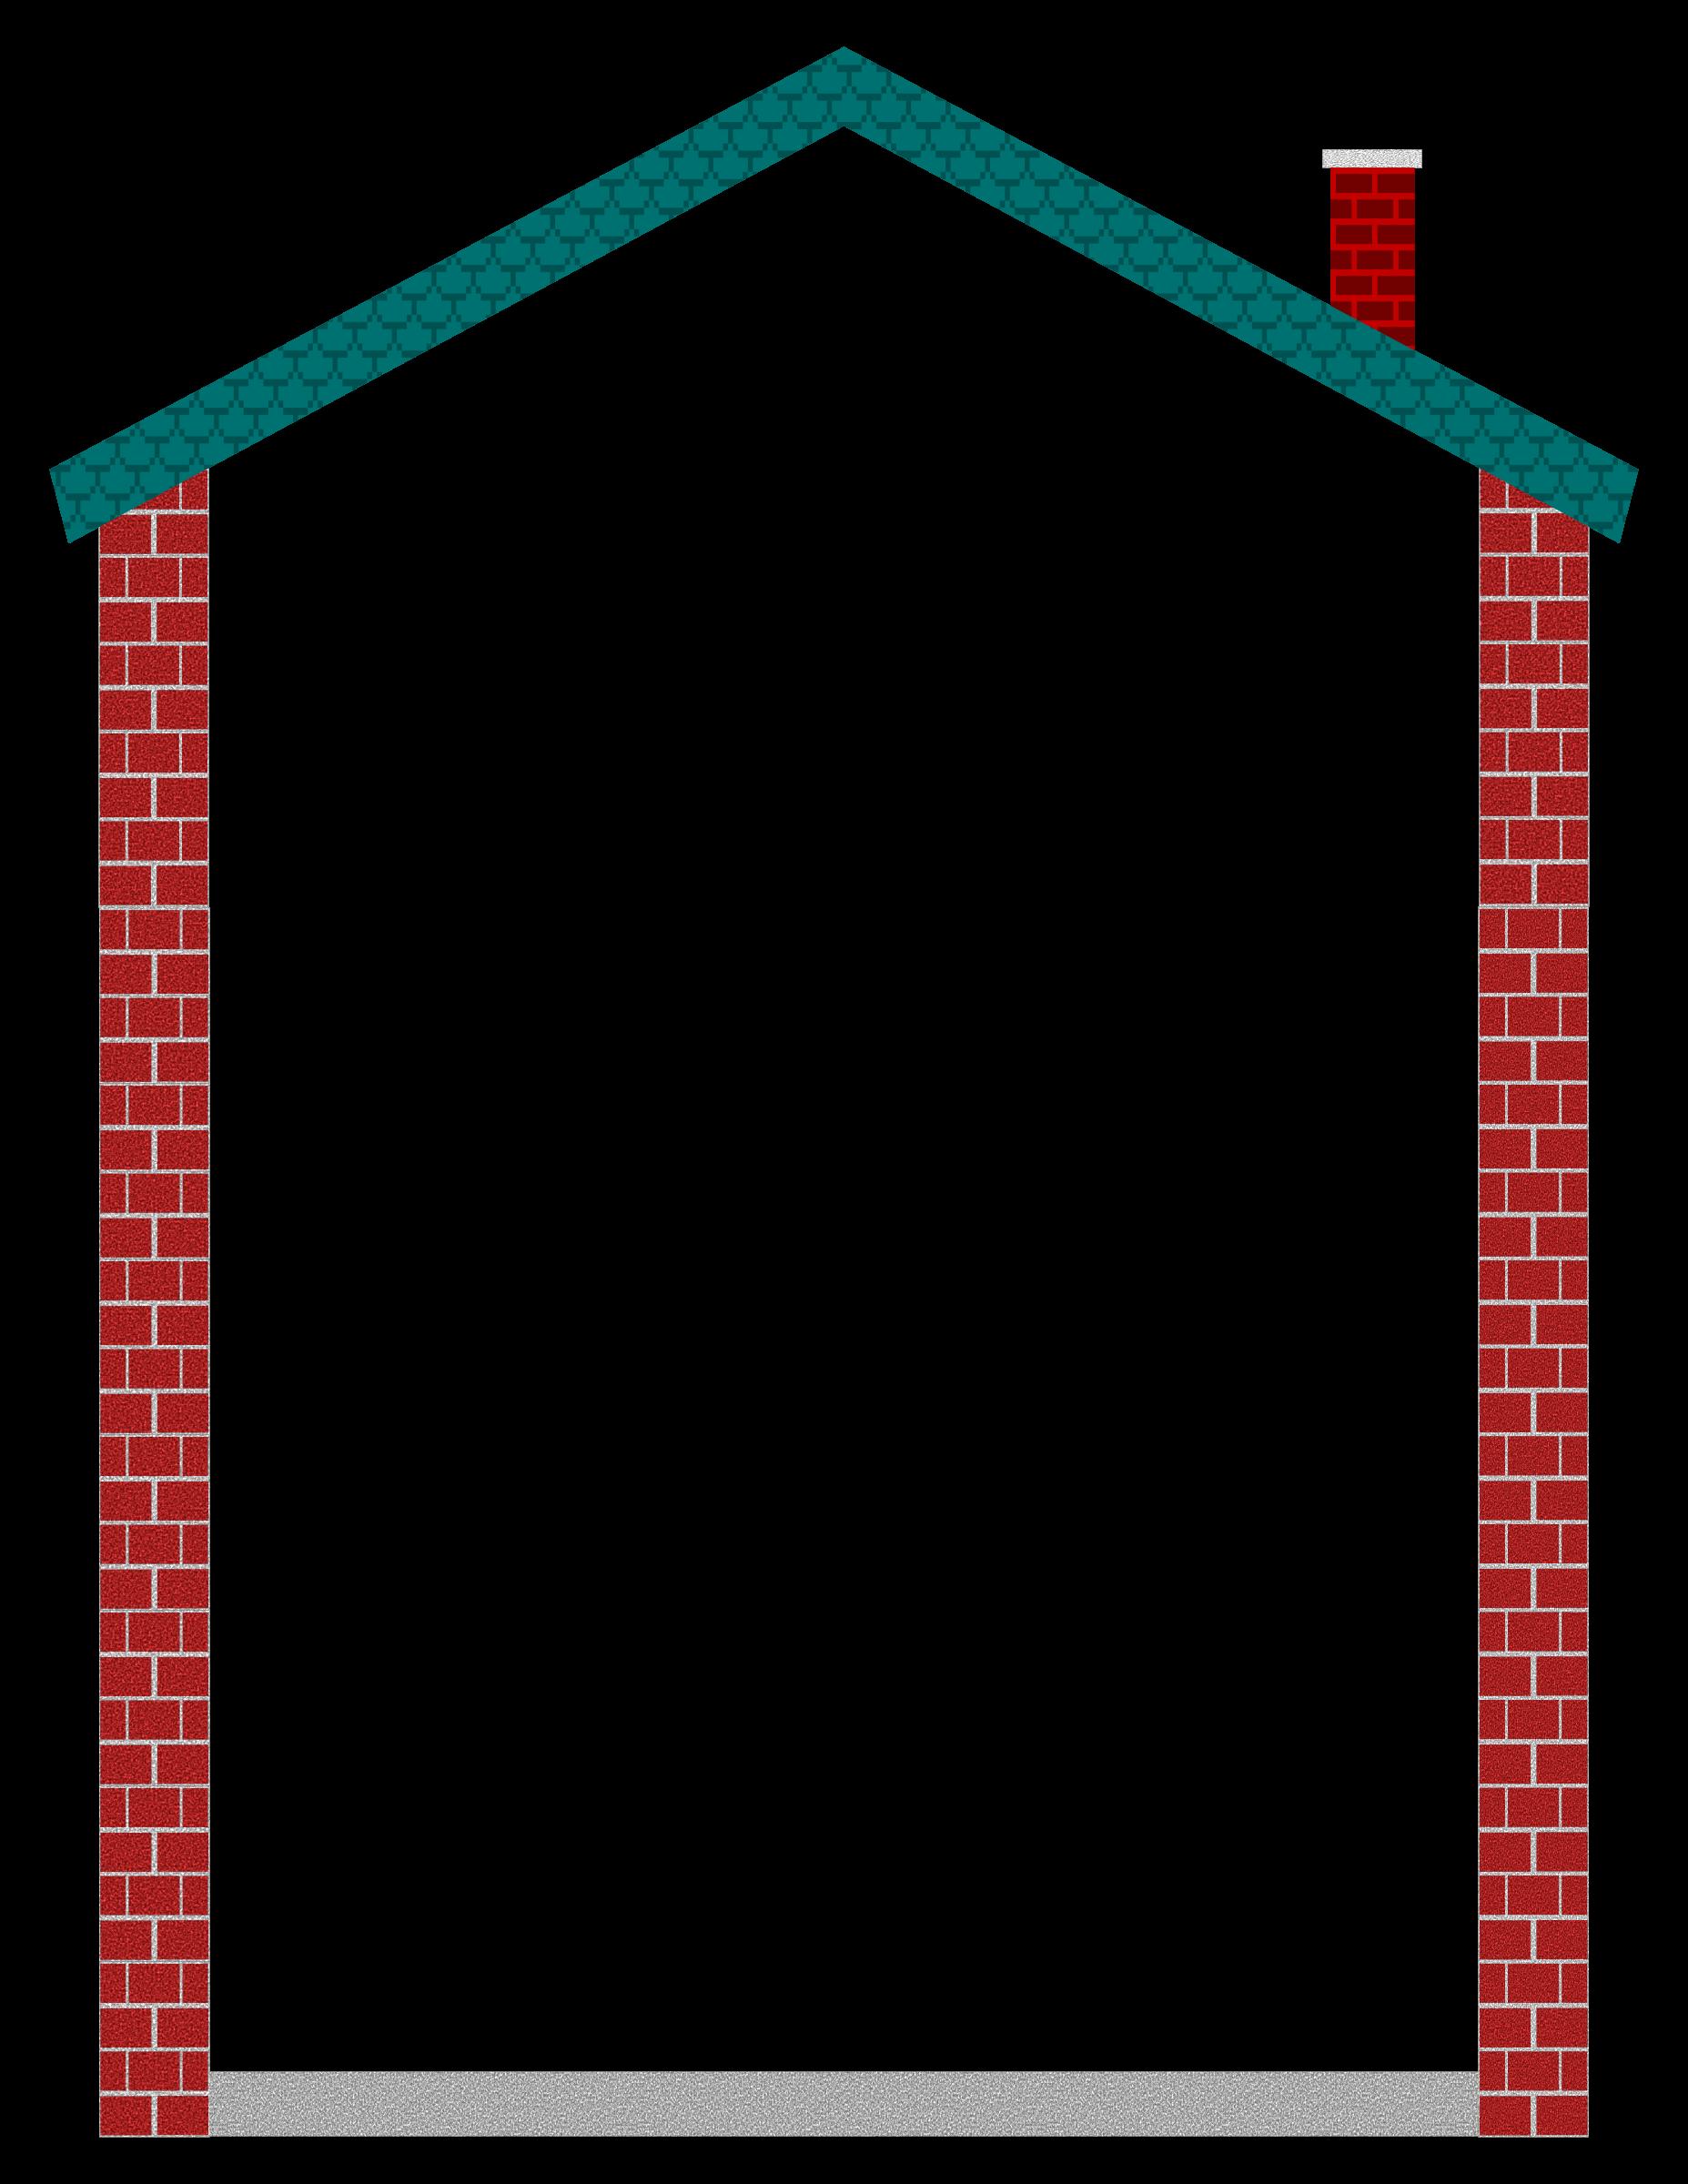 House frame clipart